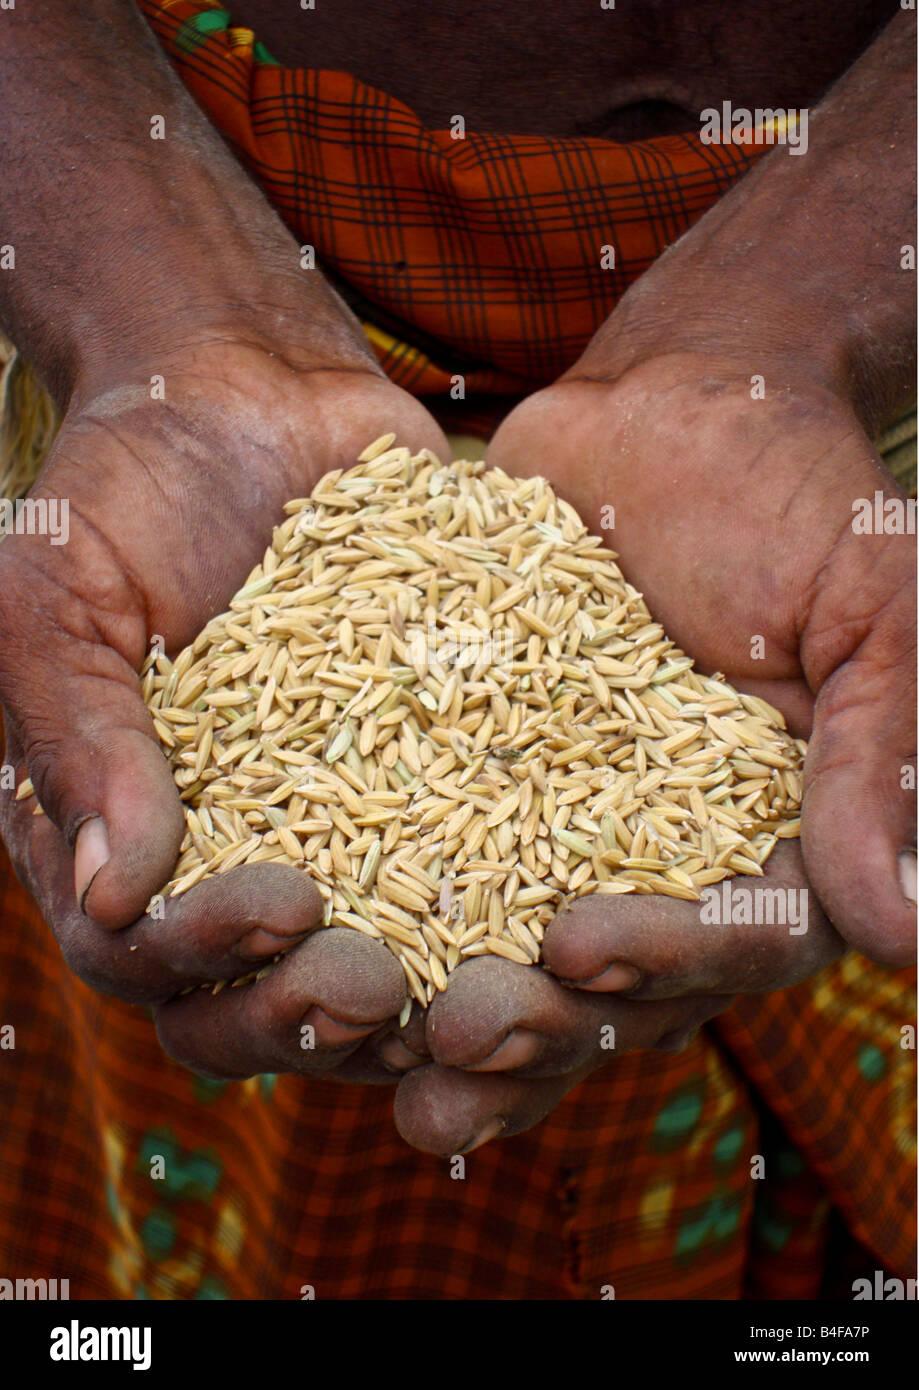 Uomo asiatico azienda appena raccolto di riso con bucce in mani pronto per essere versato per la trasformazione Immagini Stock